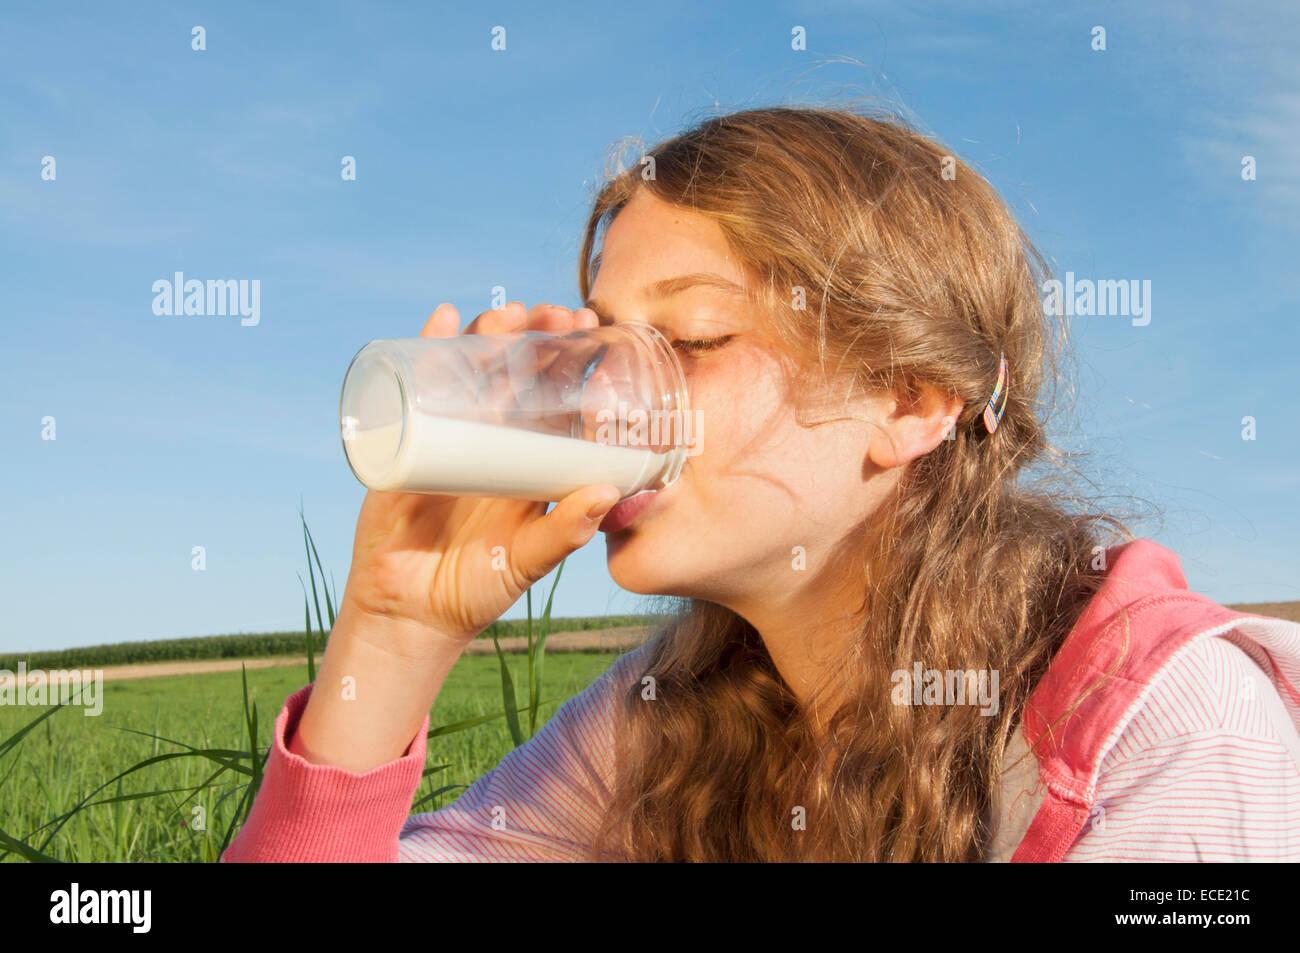 Girl (12-13), de boire dans un verre de lait à l'extérieur, les yeux clos, portrait Photo Stock